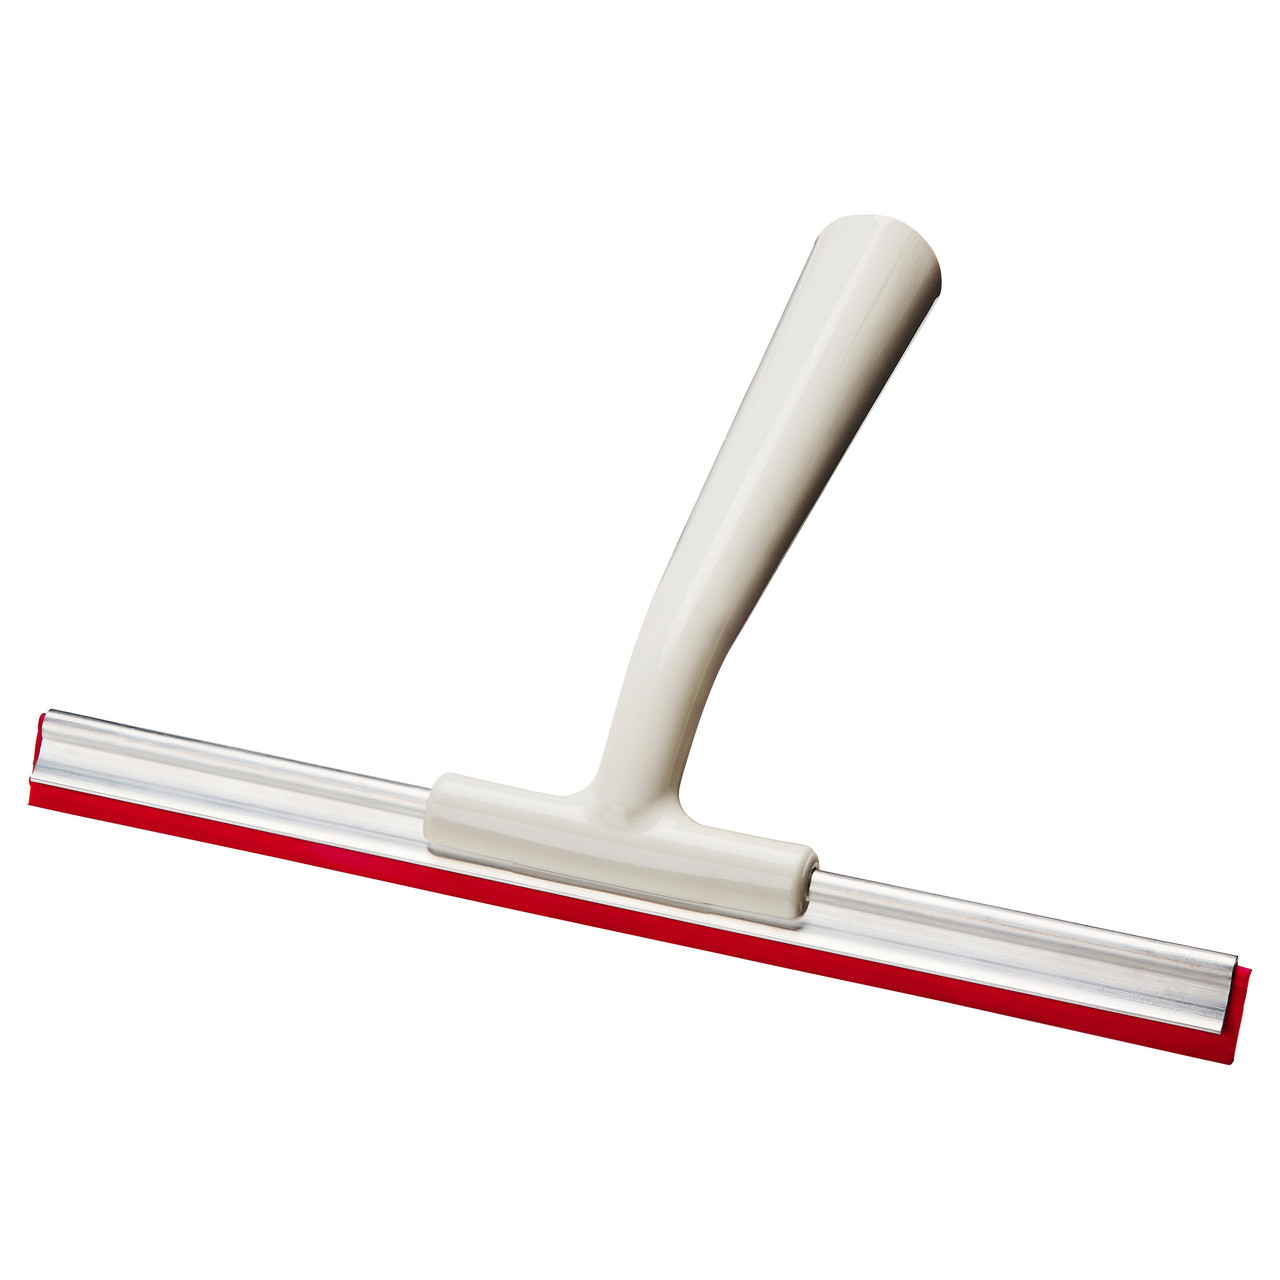 ЛИЛЛЬНАГЕН Скребок для чистки окон и зеркал, 40243596, IKEA, ИКЕА, LIL